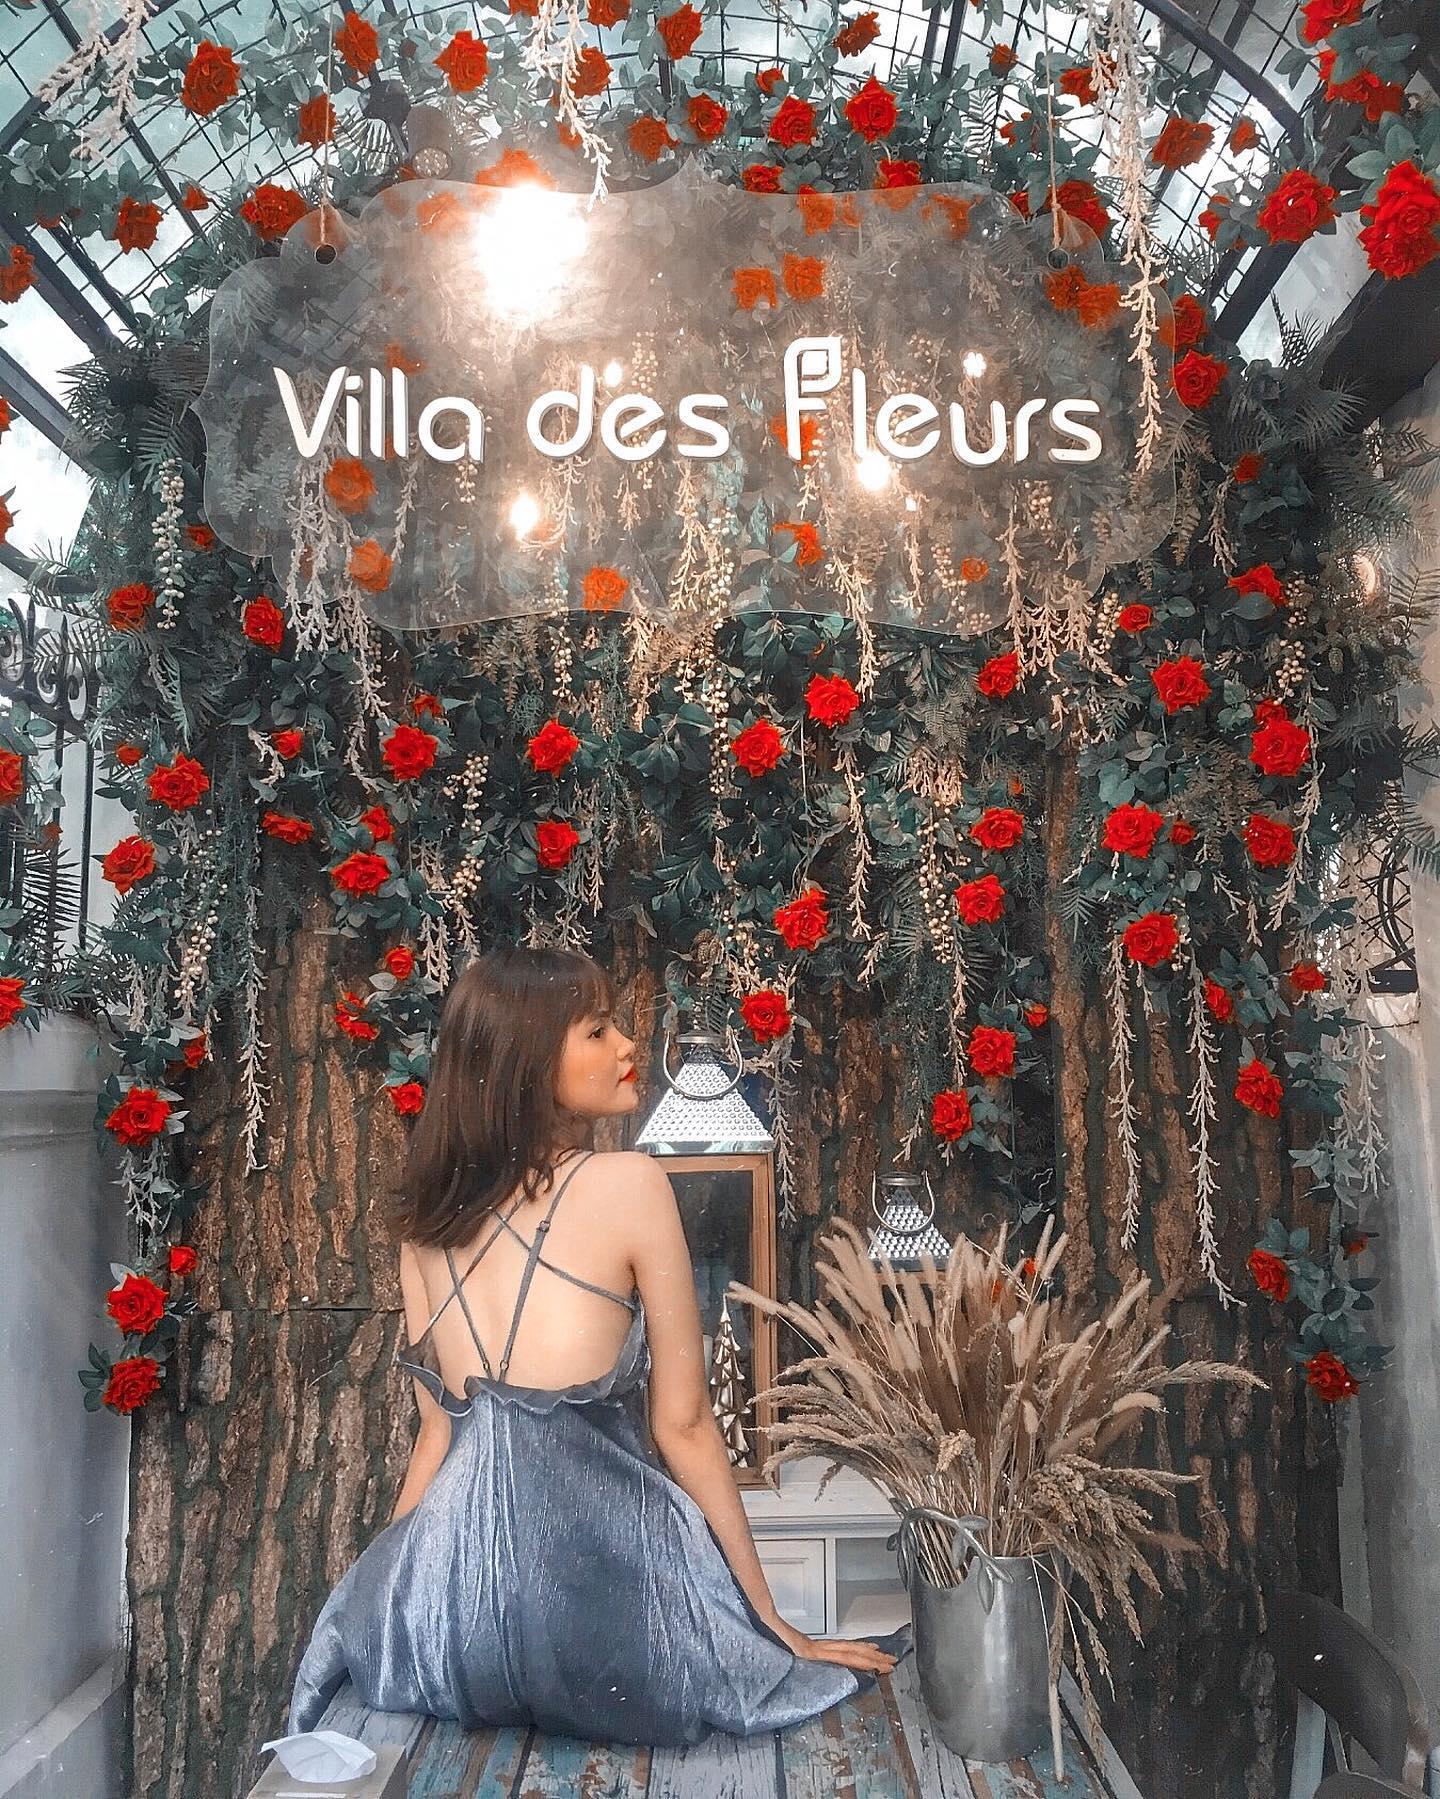 ha-noi-villa-des-fleurs-5